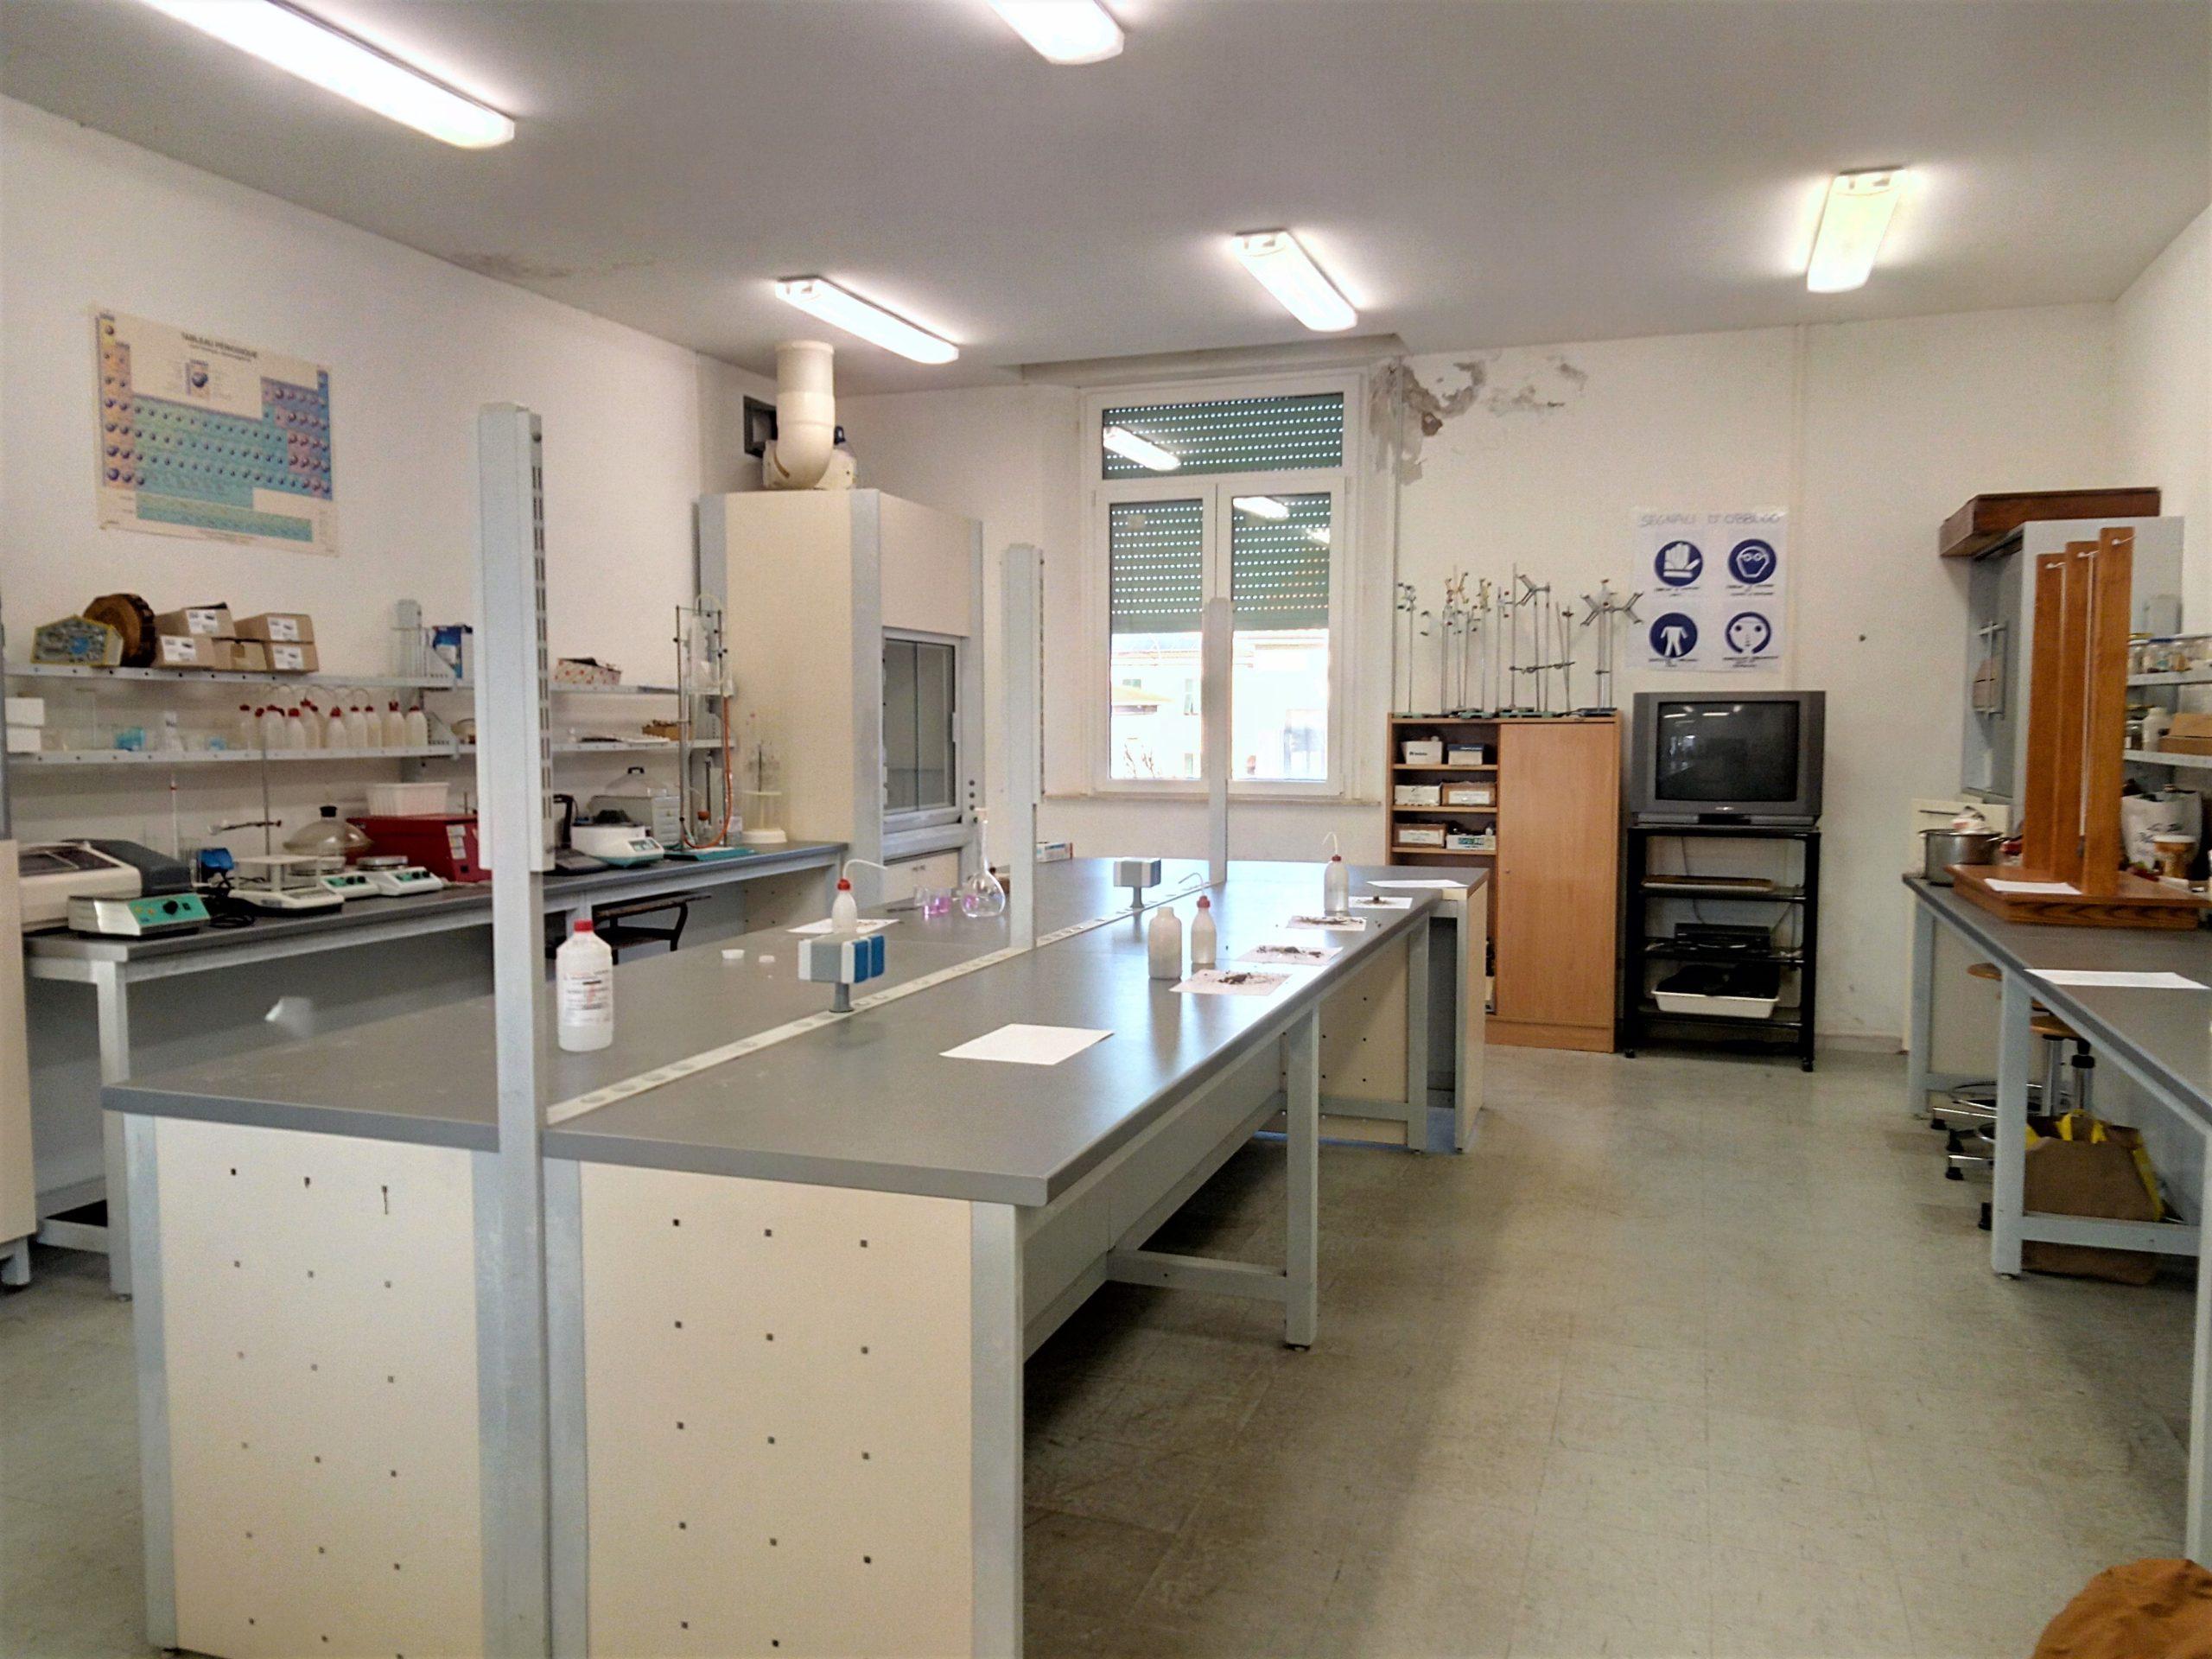 Laboratorio agraria ITA Carlo Cattaneo Cecina